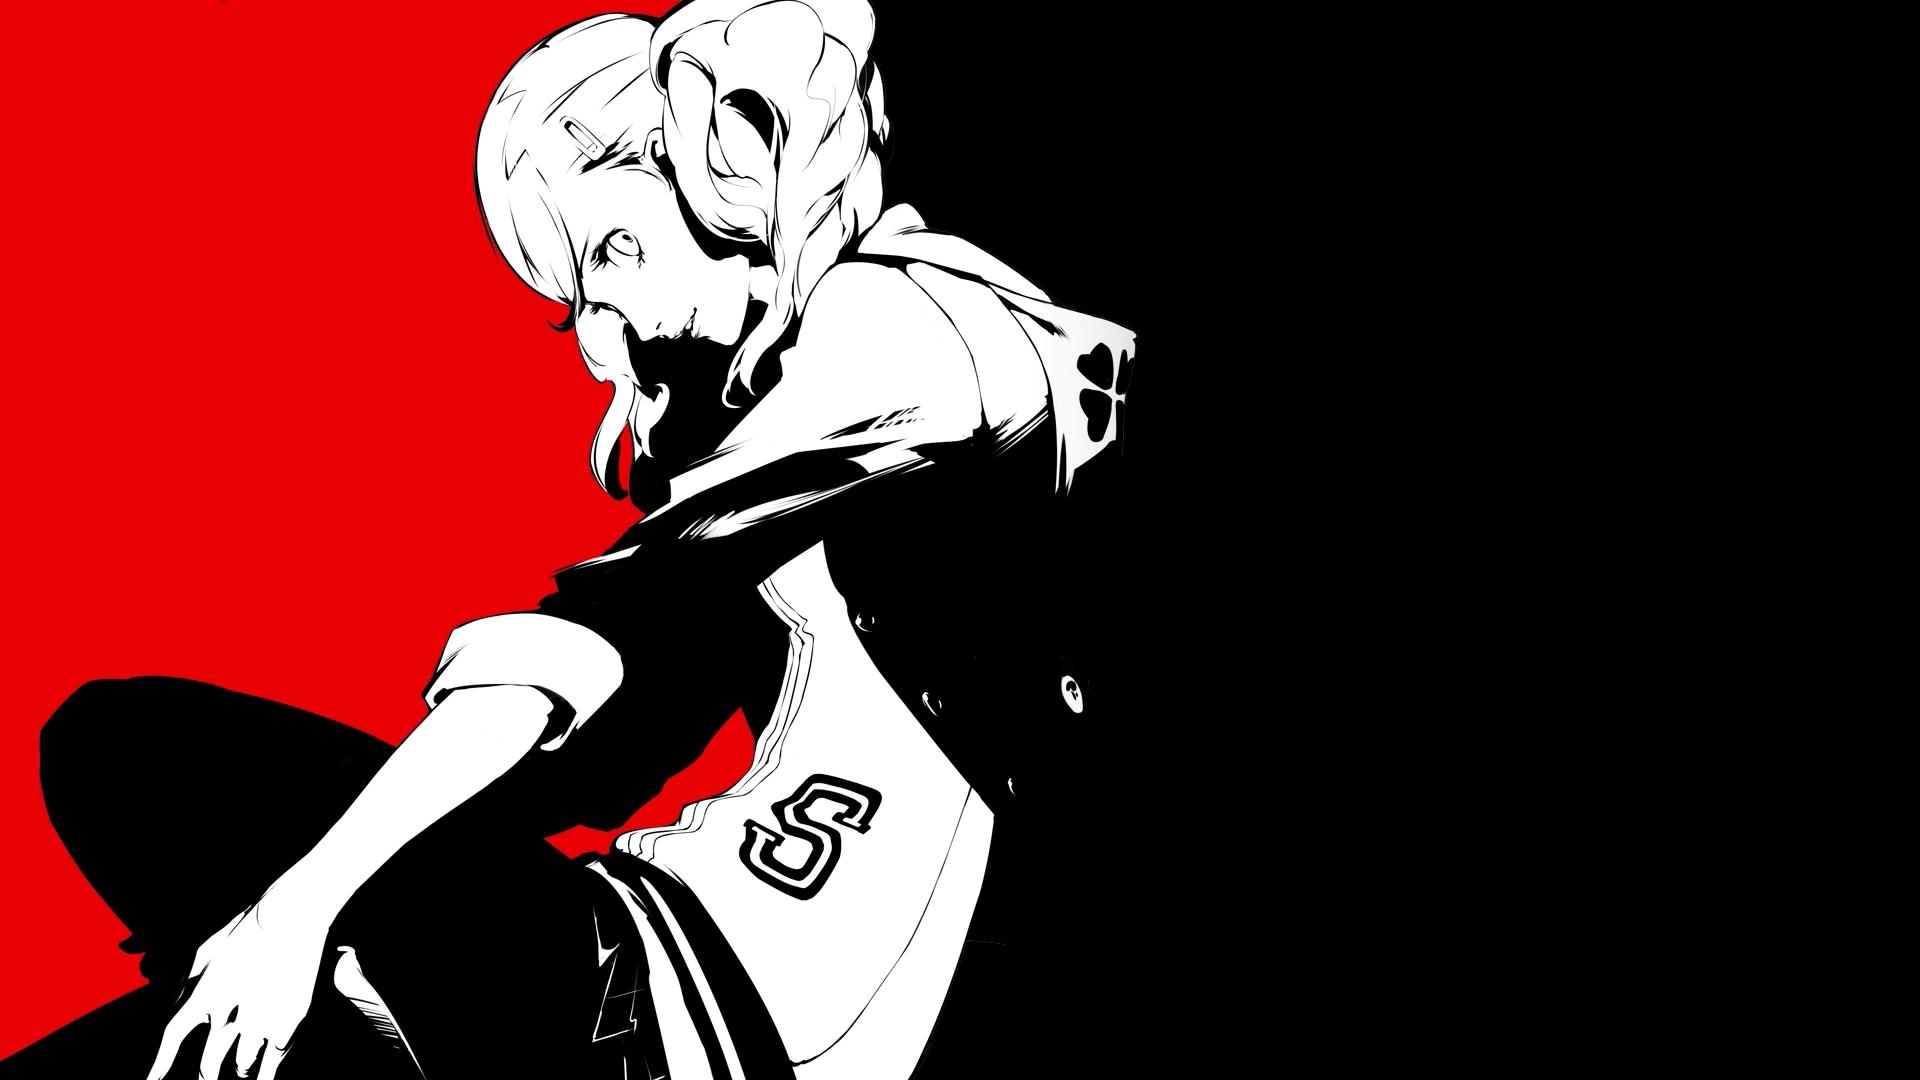 Persona 3 Wallpaper 4k: Persona 5 HD Wallpaper